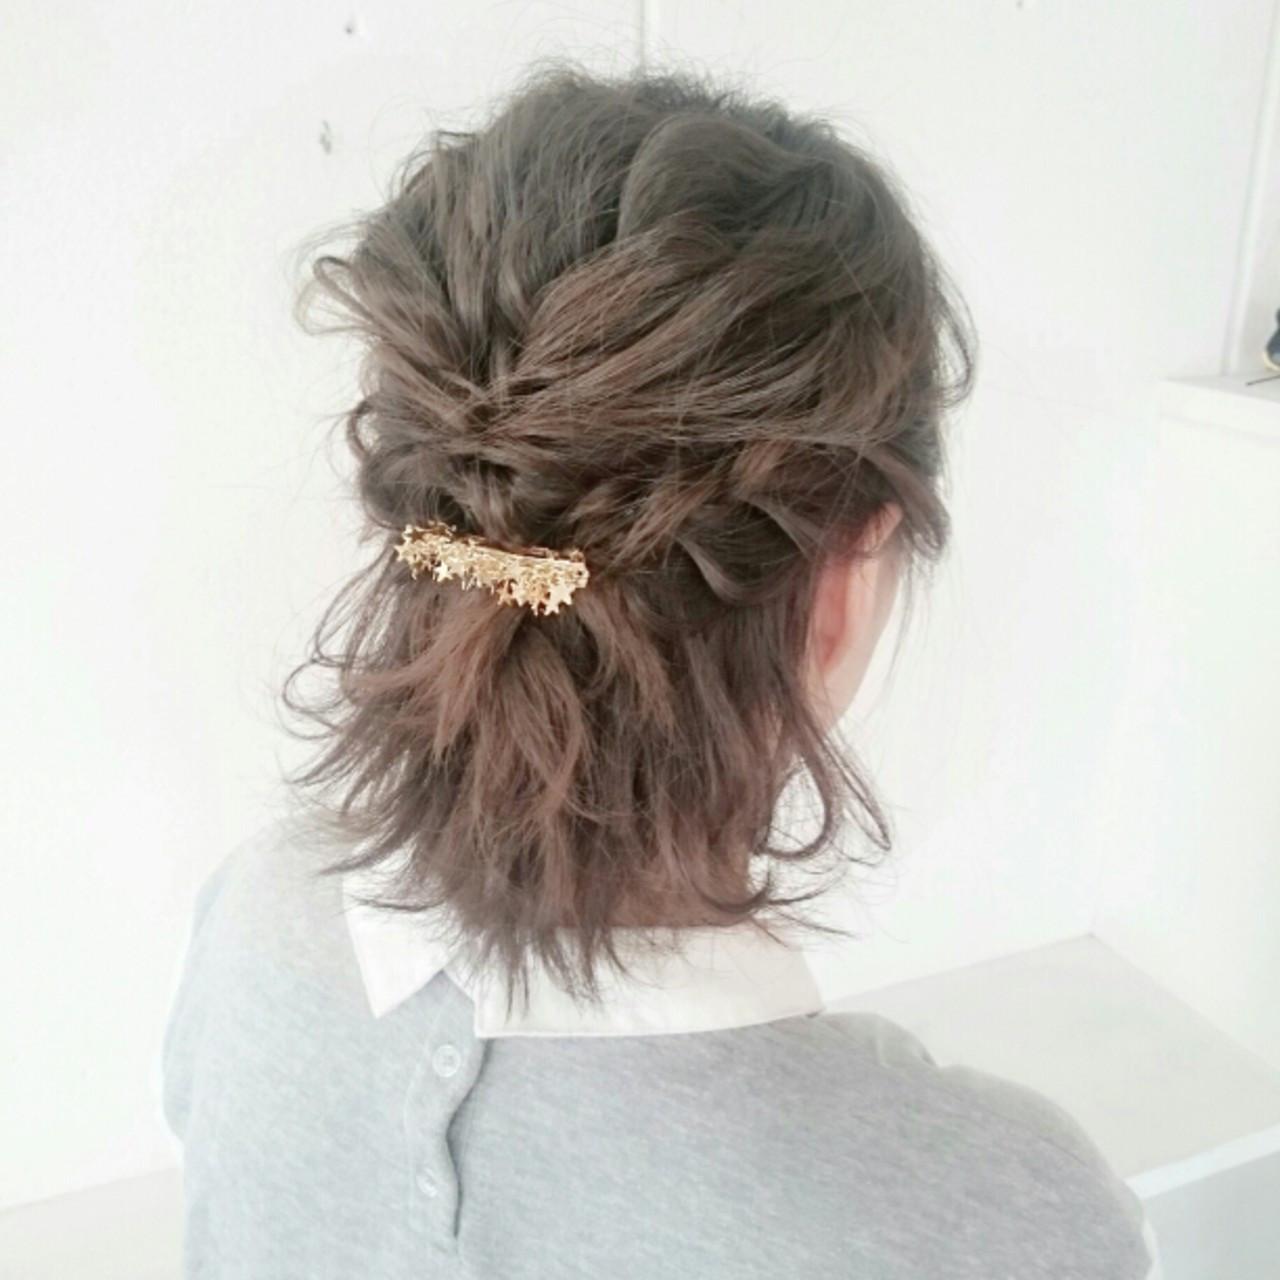 短くても可愛い髪型を楽しみたい!ショートヘアのアレンジ&セット法 福原 慶之